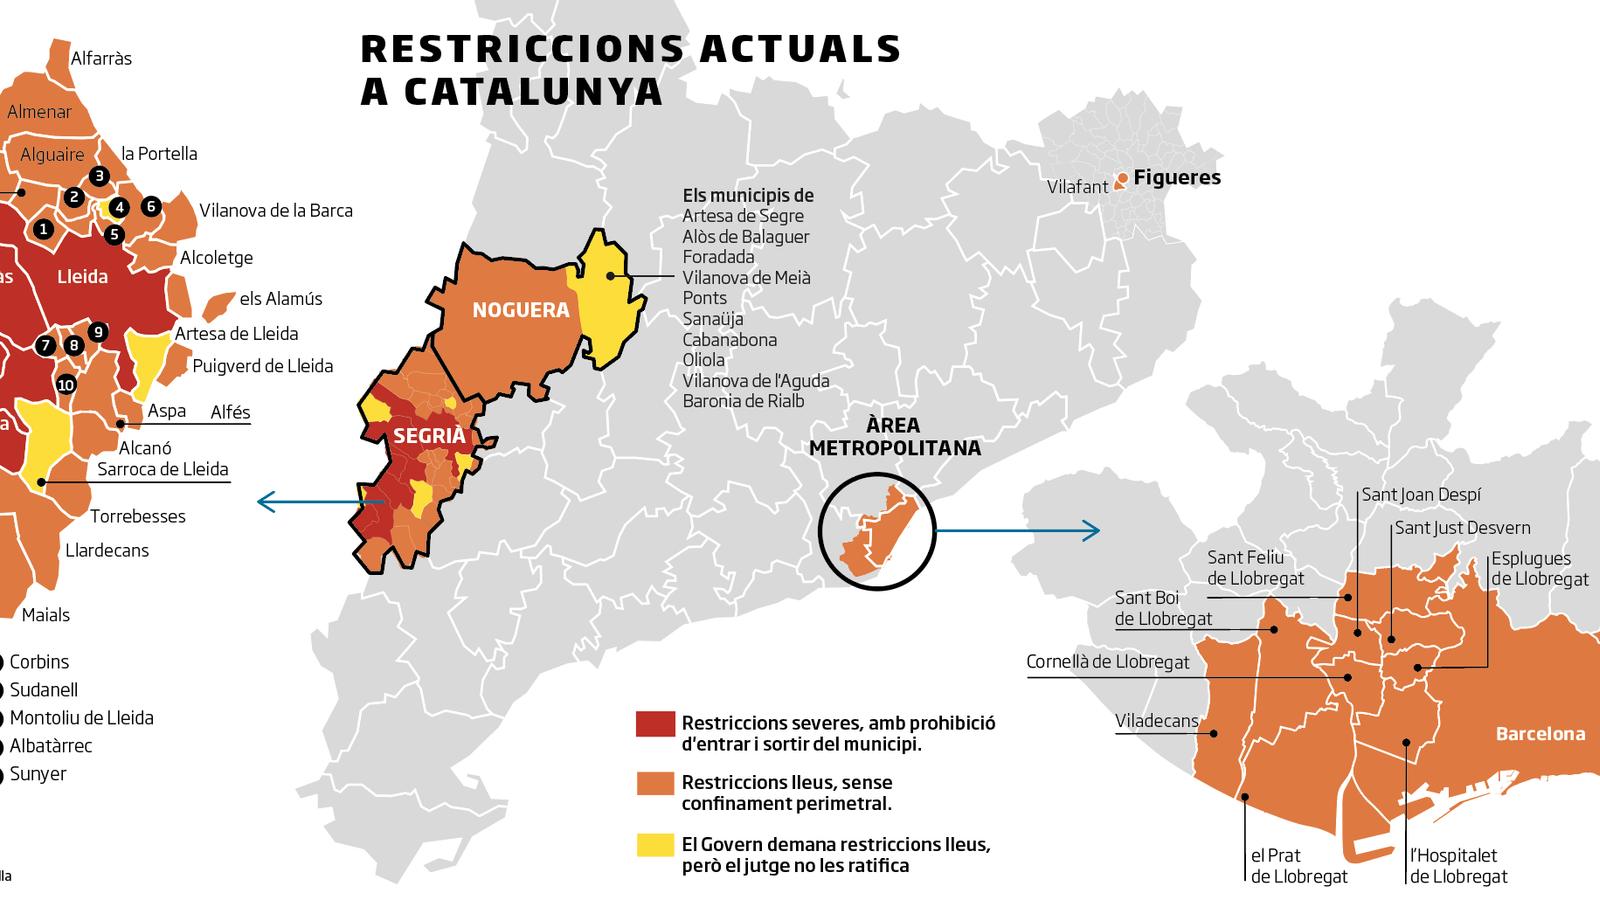 El Govern amplia les restriccions per frenar rebrots i hi afegeix municipis